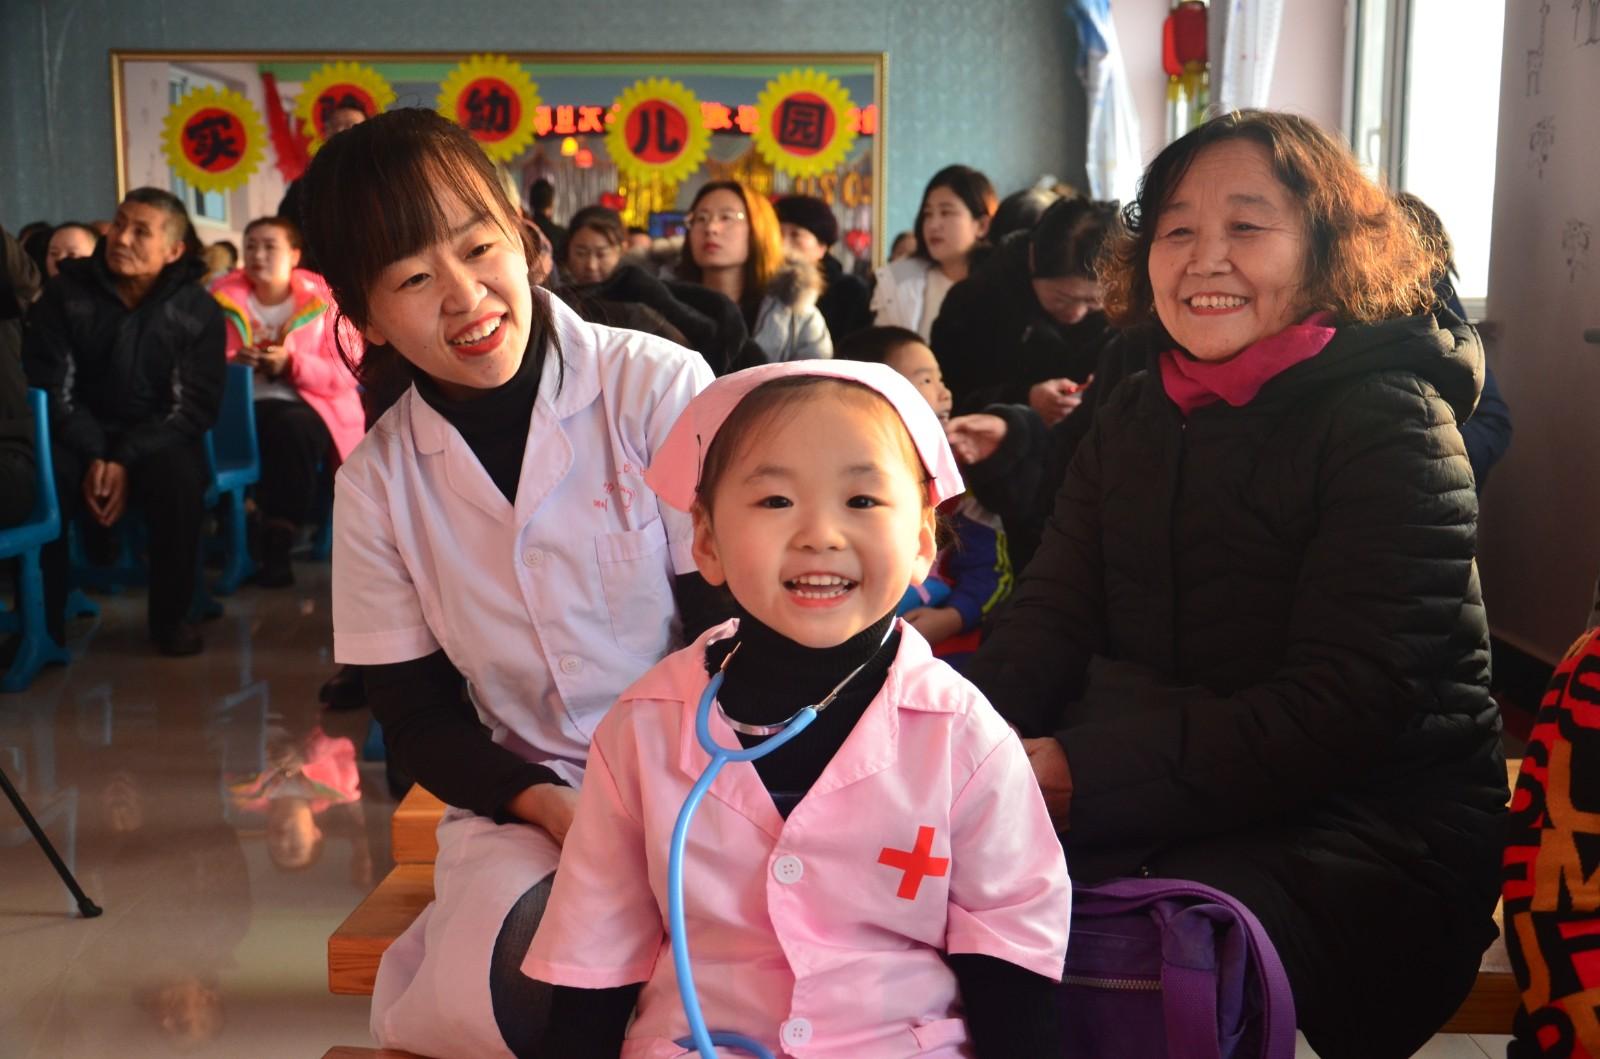 黑龙江-凌风 《你笑的真好看》 Nikon.jpg